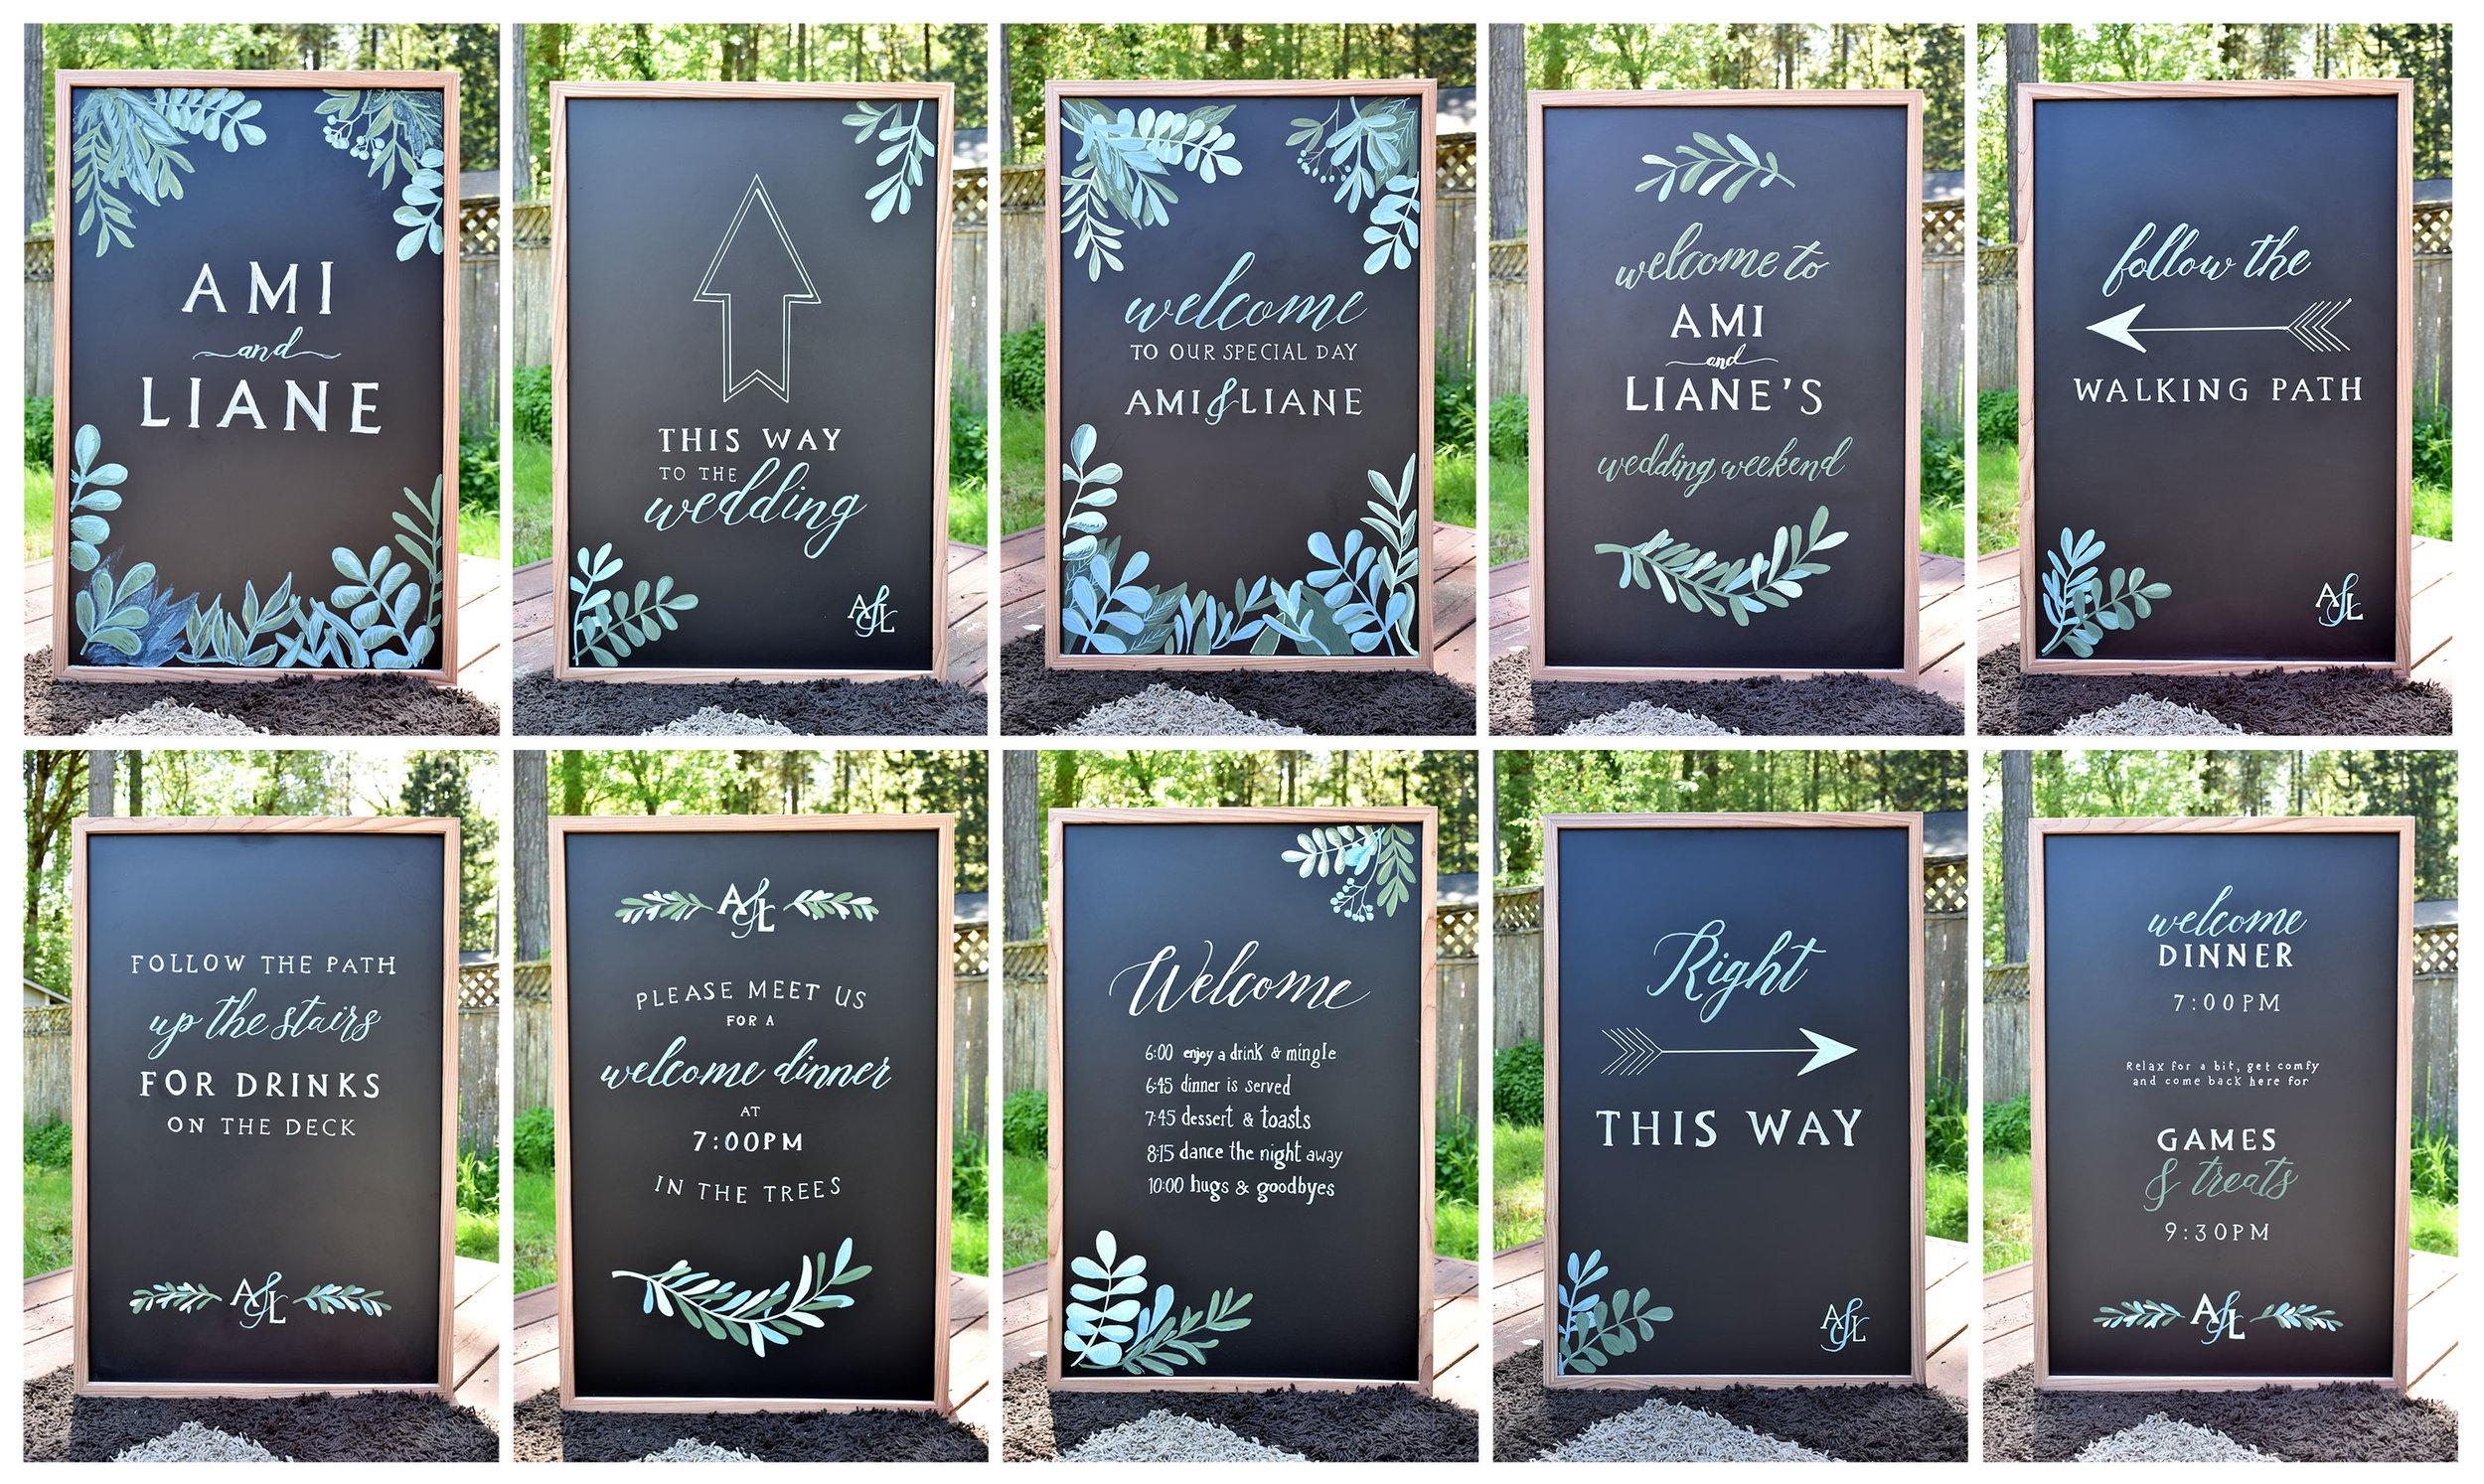 Hand Drawn Chalkboard Signs for Wedding